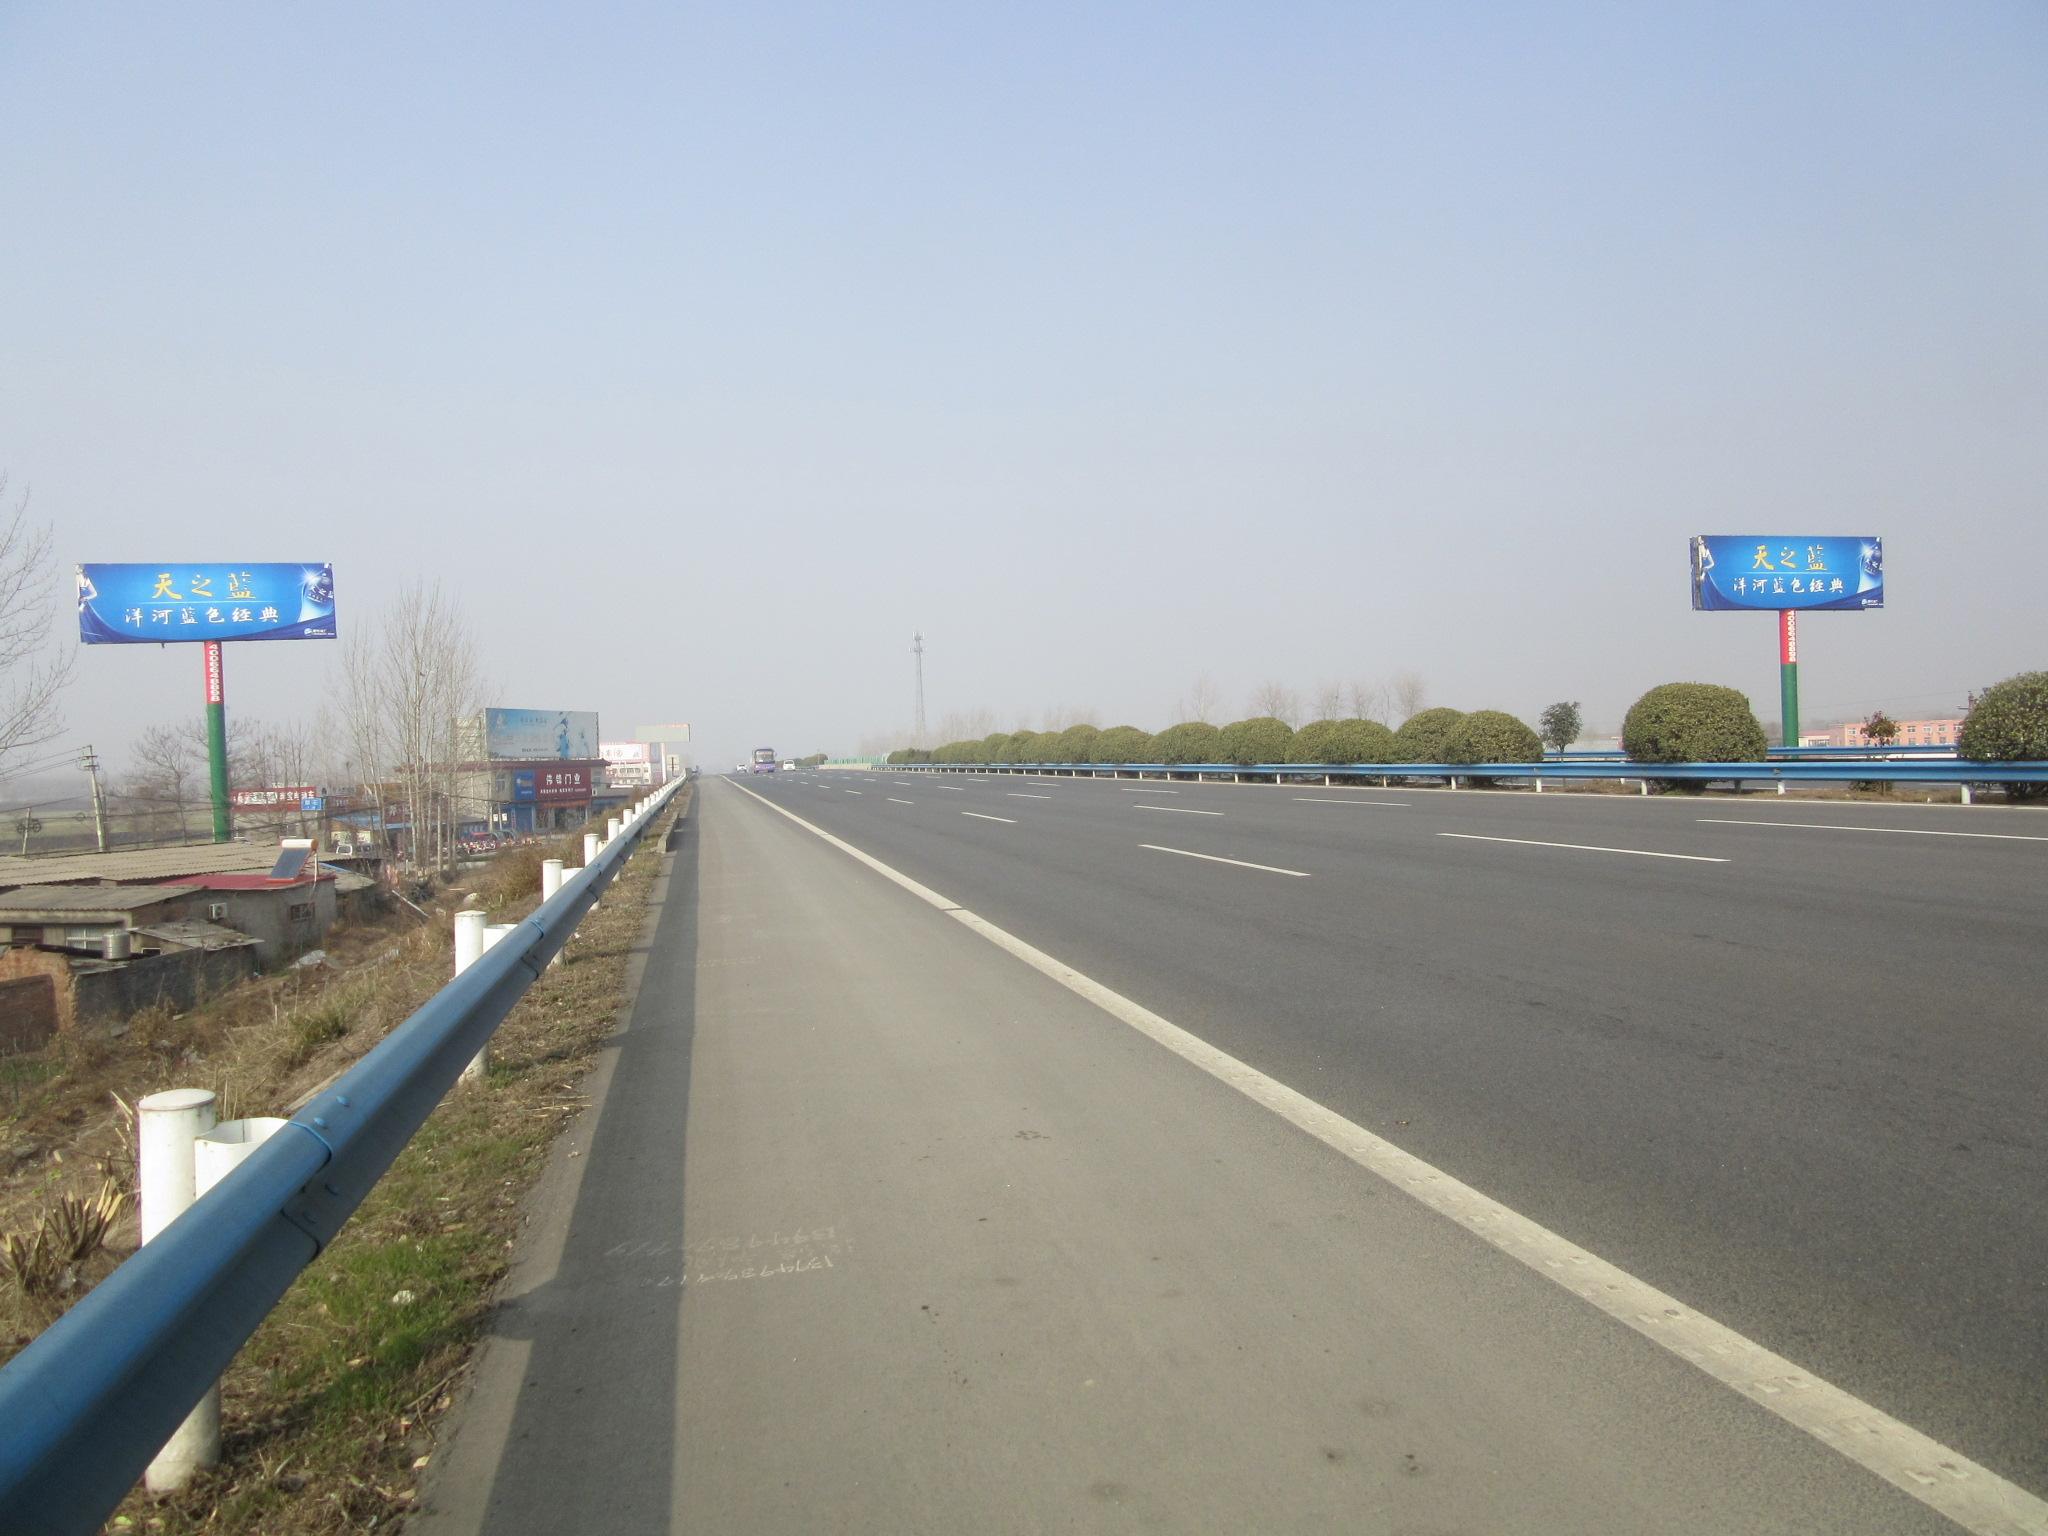 京港澳高速公路_京珠高速公路粤境南段旧水泥混凝土路面罩面技术研究